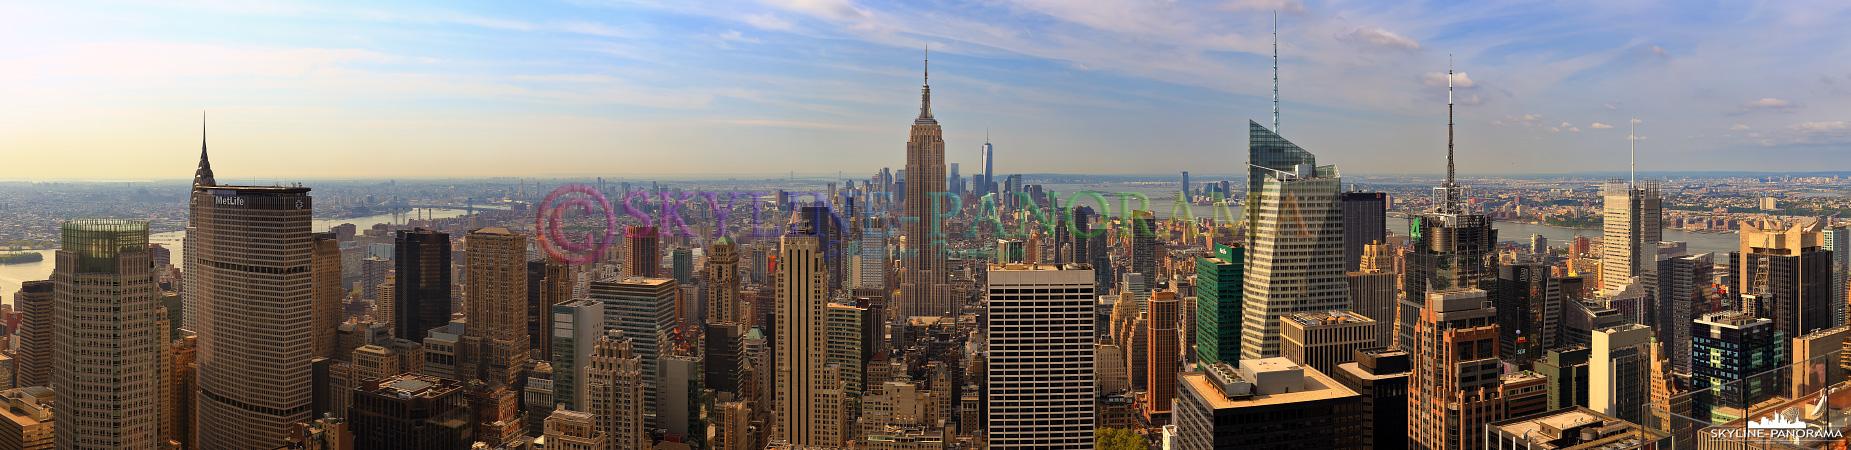 Top of the Rock - Das grandiose Panorama von der Aussichtsplattform des Rockefeller Center auf die atemberaubende Skyline von Manhattan mit dem Empire State Building im Zentrum dieser Aufnahme.